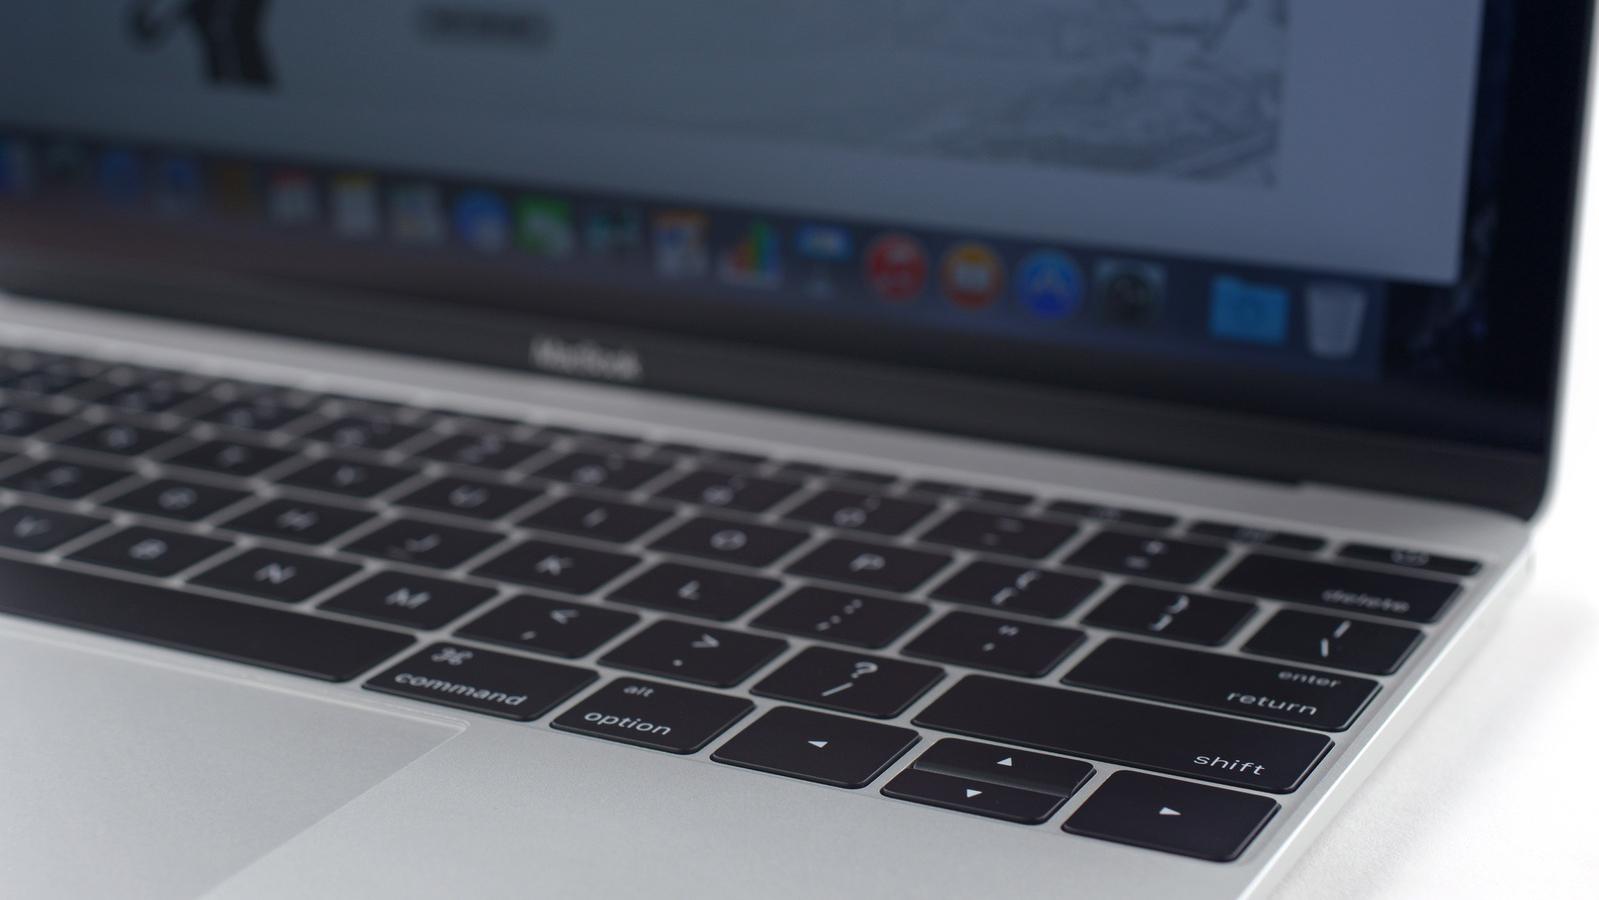 macbook-keyboard-16x9